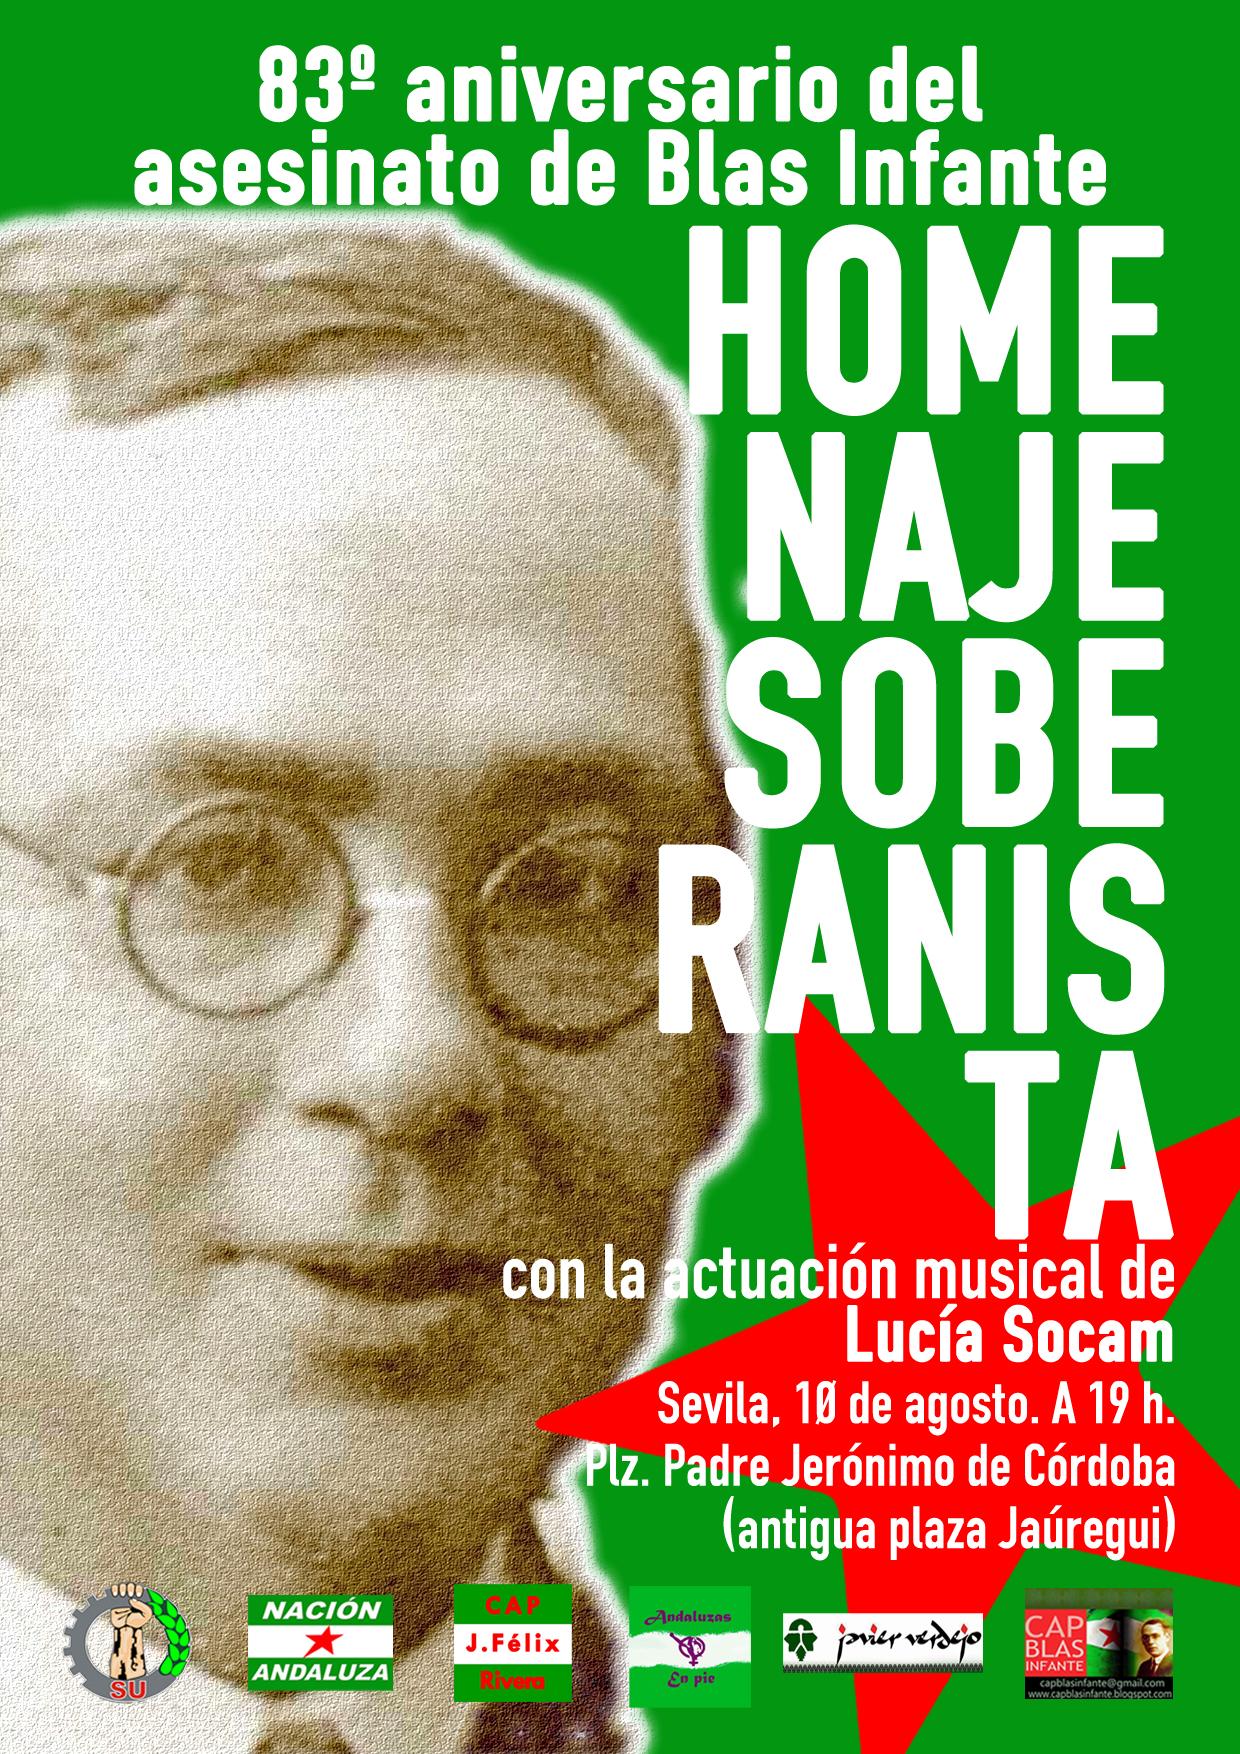 Nación Andaluza ante el 83º aniversario del asesinato de Blas Infante ¡CONSTRUYENDO ANDALUCISMO REVOLUCIONARIO PARA UNA ANDALUCÍA INDEPENDIENTE!